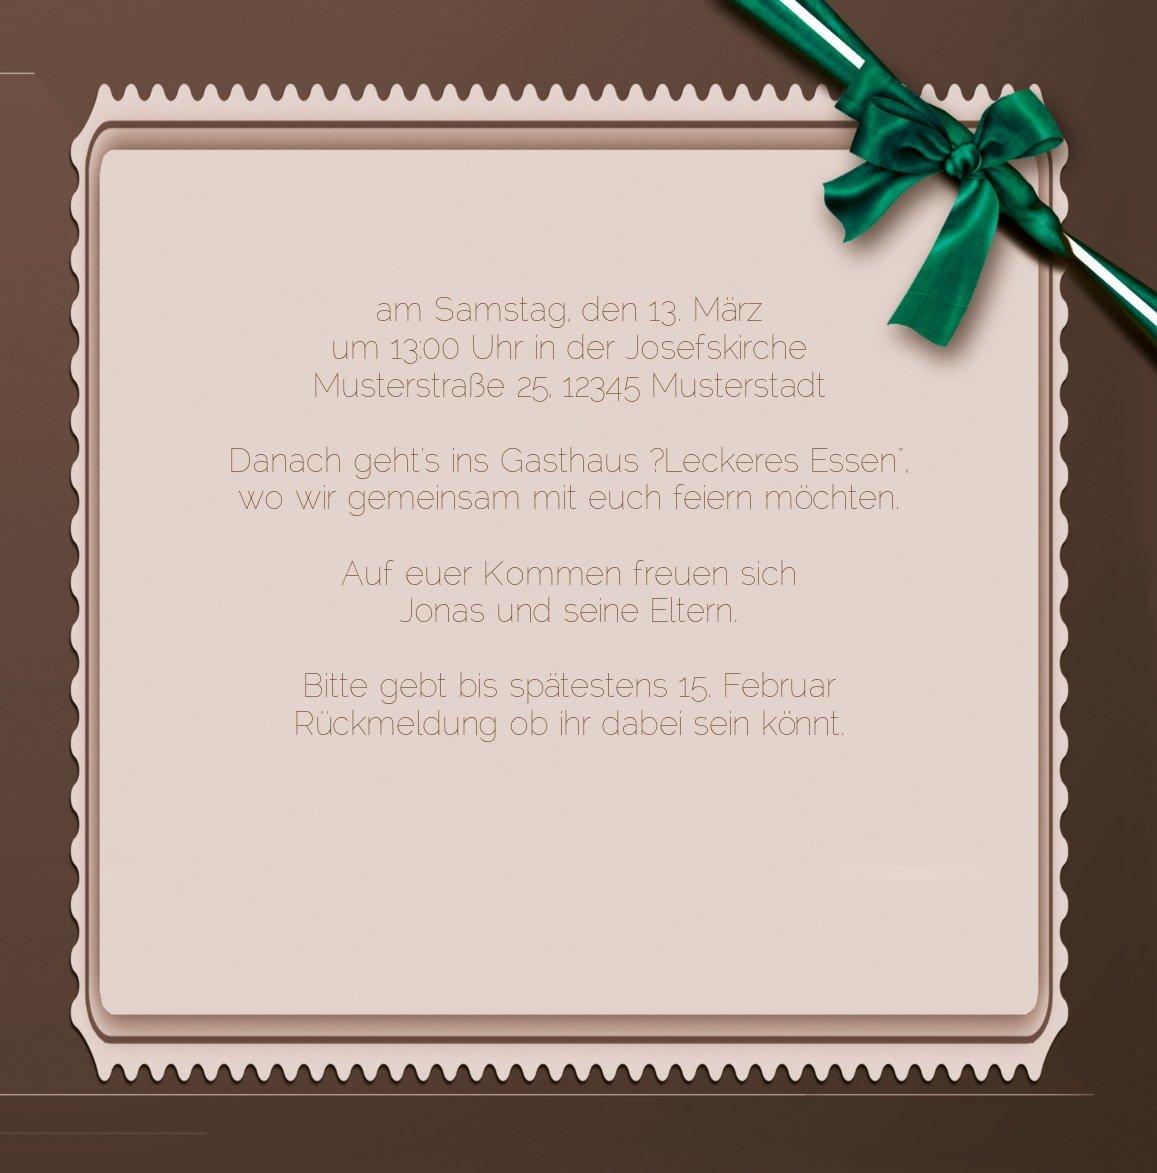 Kartenparadies Kartenparadies Kartenparadies Einladungskarte Taufeinladung Taufkarte Ribbon, hochwertige Einladung zur Taufe inklusive Umschläge   10 Karten - (Format  145x145 mm) Farbe  Rosalila B01N28A6NV | Feinen Qualität  | Wirtschaftlich und praktisch  | Preiszugeständniss dab15f